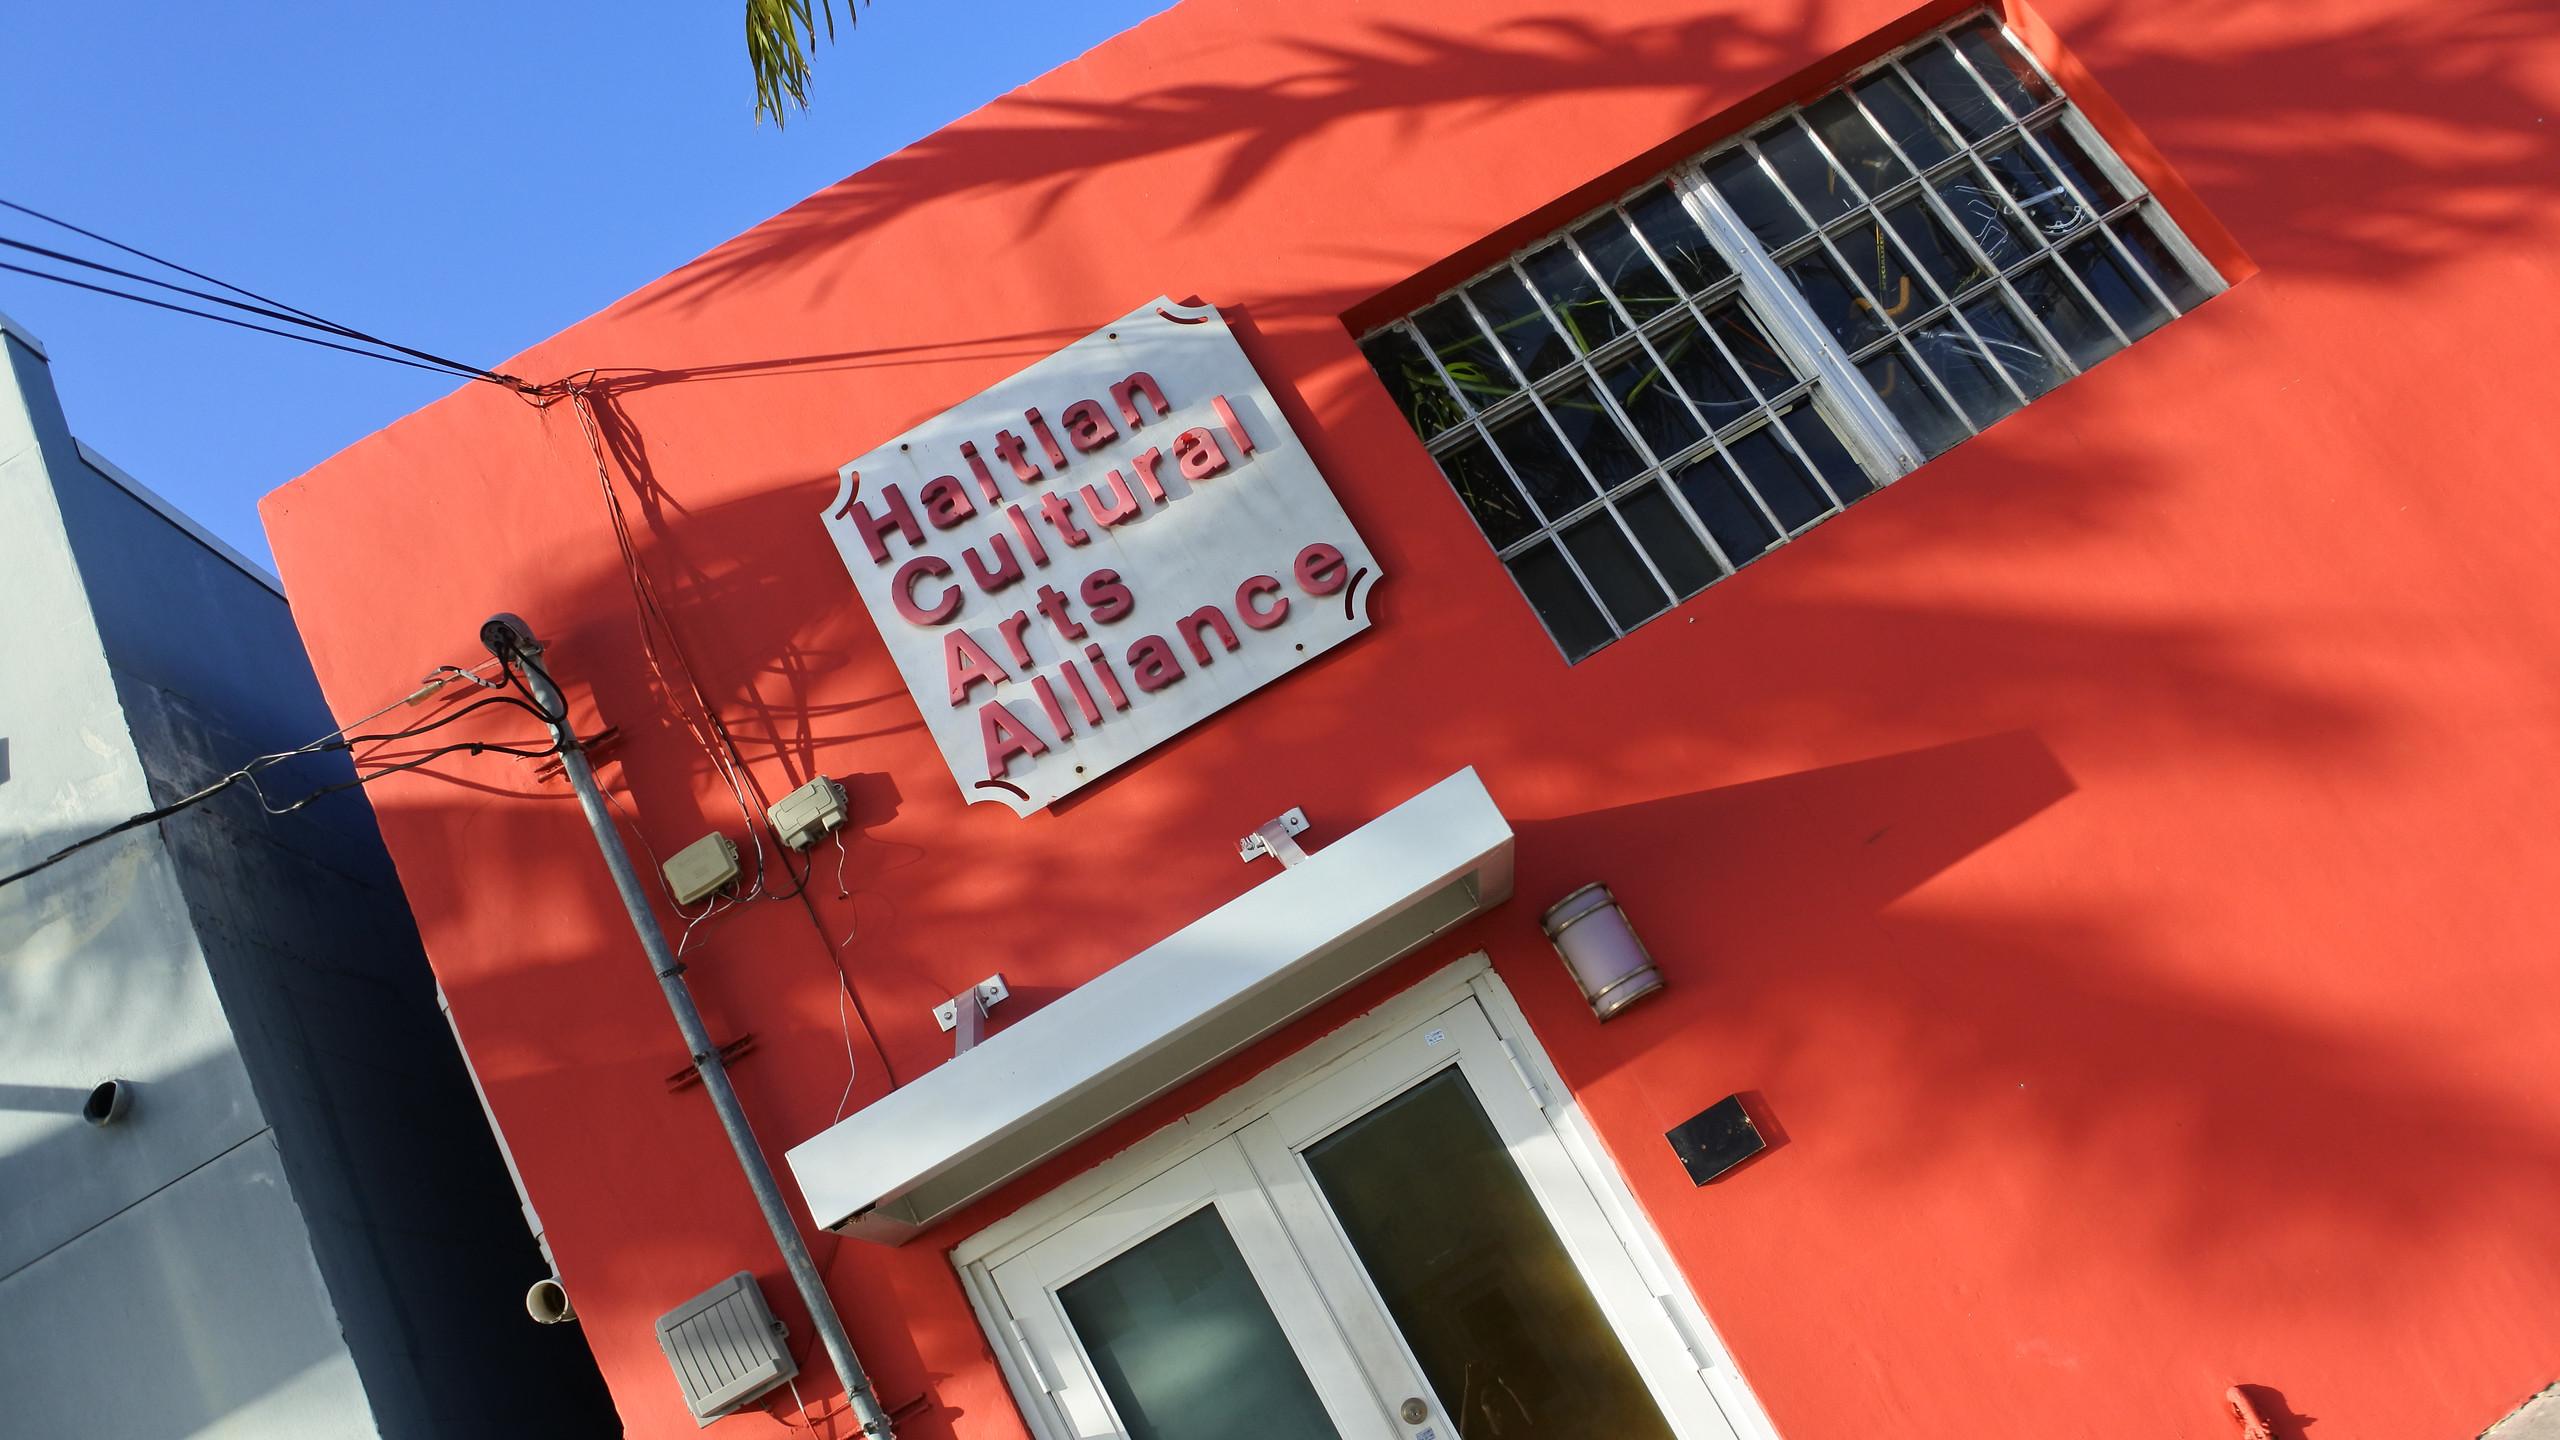 Haitian Cultural Arts Alliance